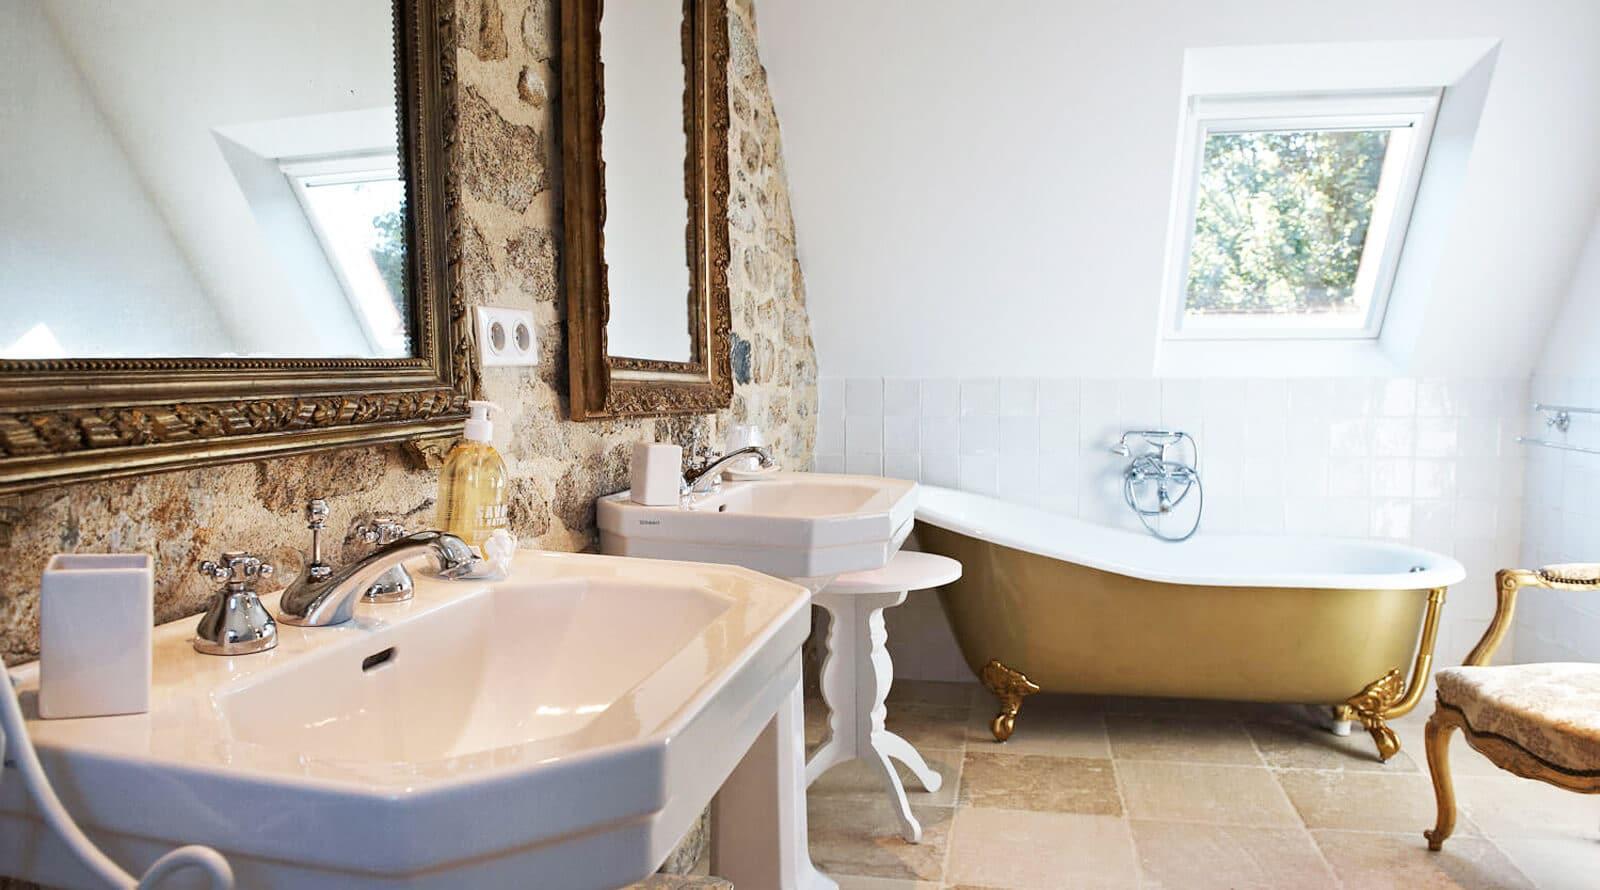 chambre d'hôte ouessant baignoire ancienne